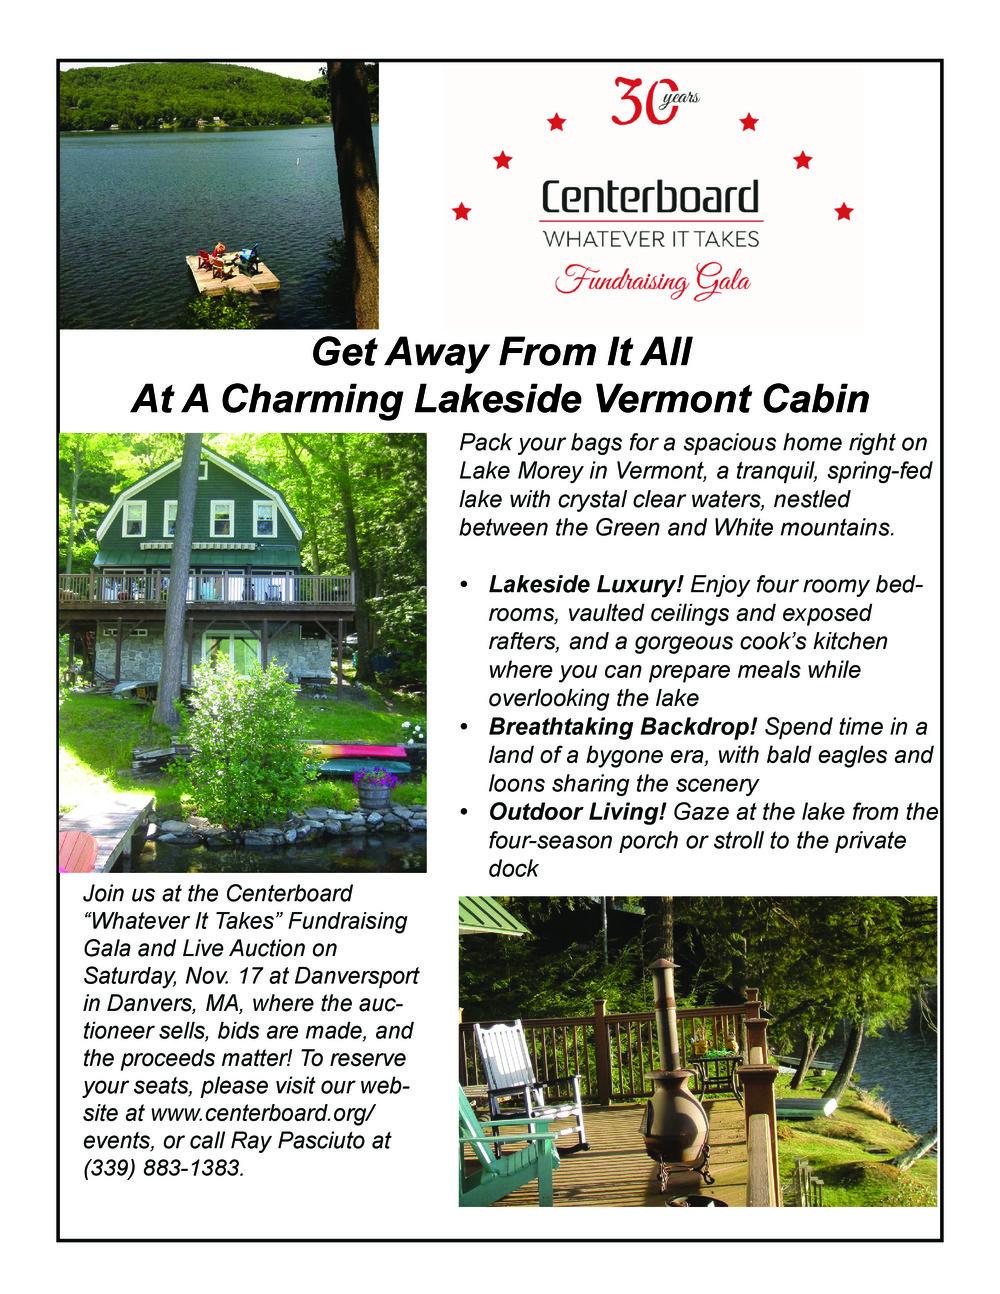 Vermontcabin-page-0.jpg